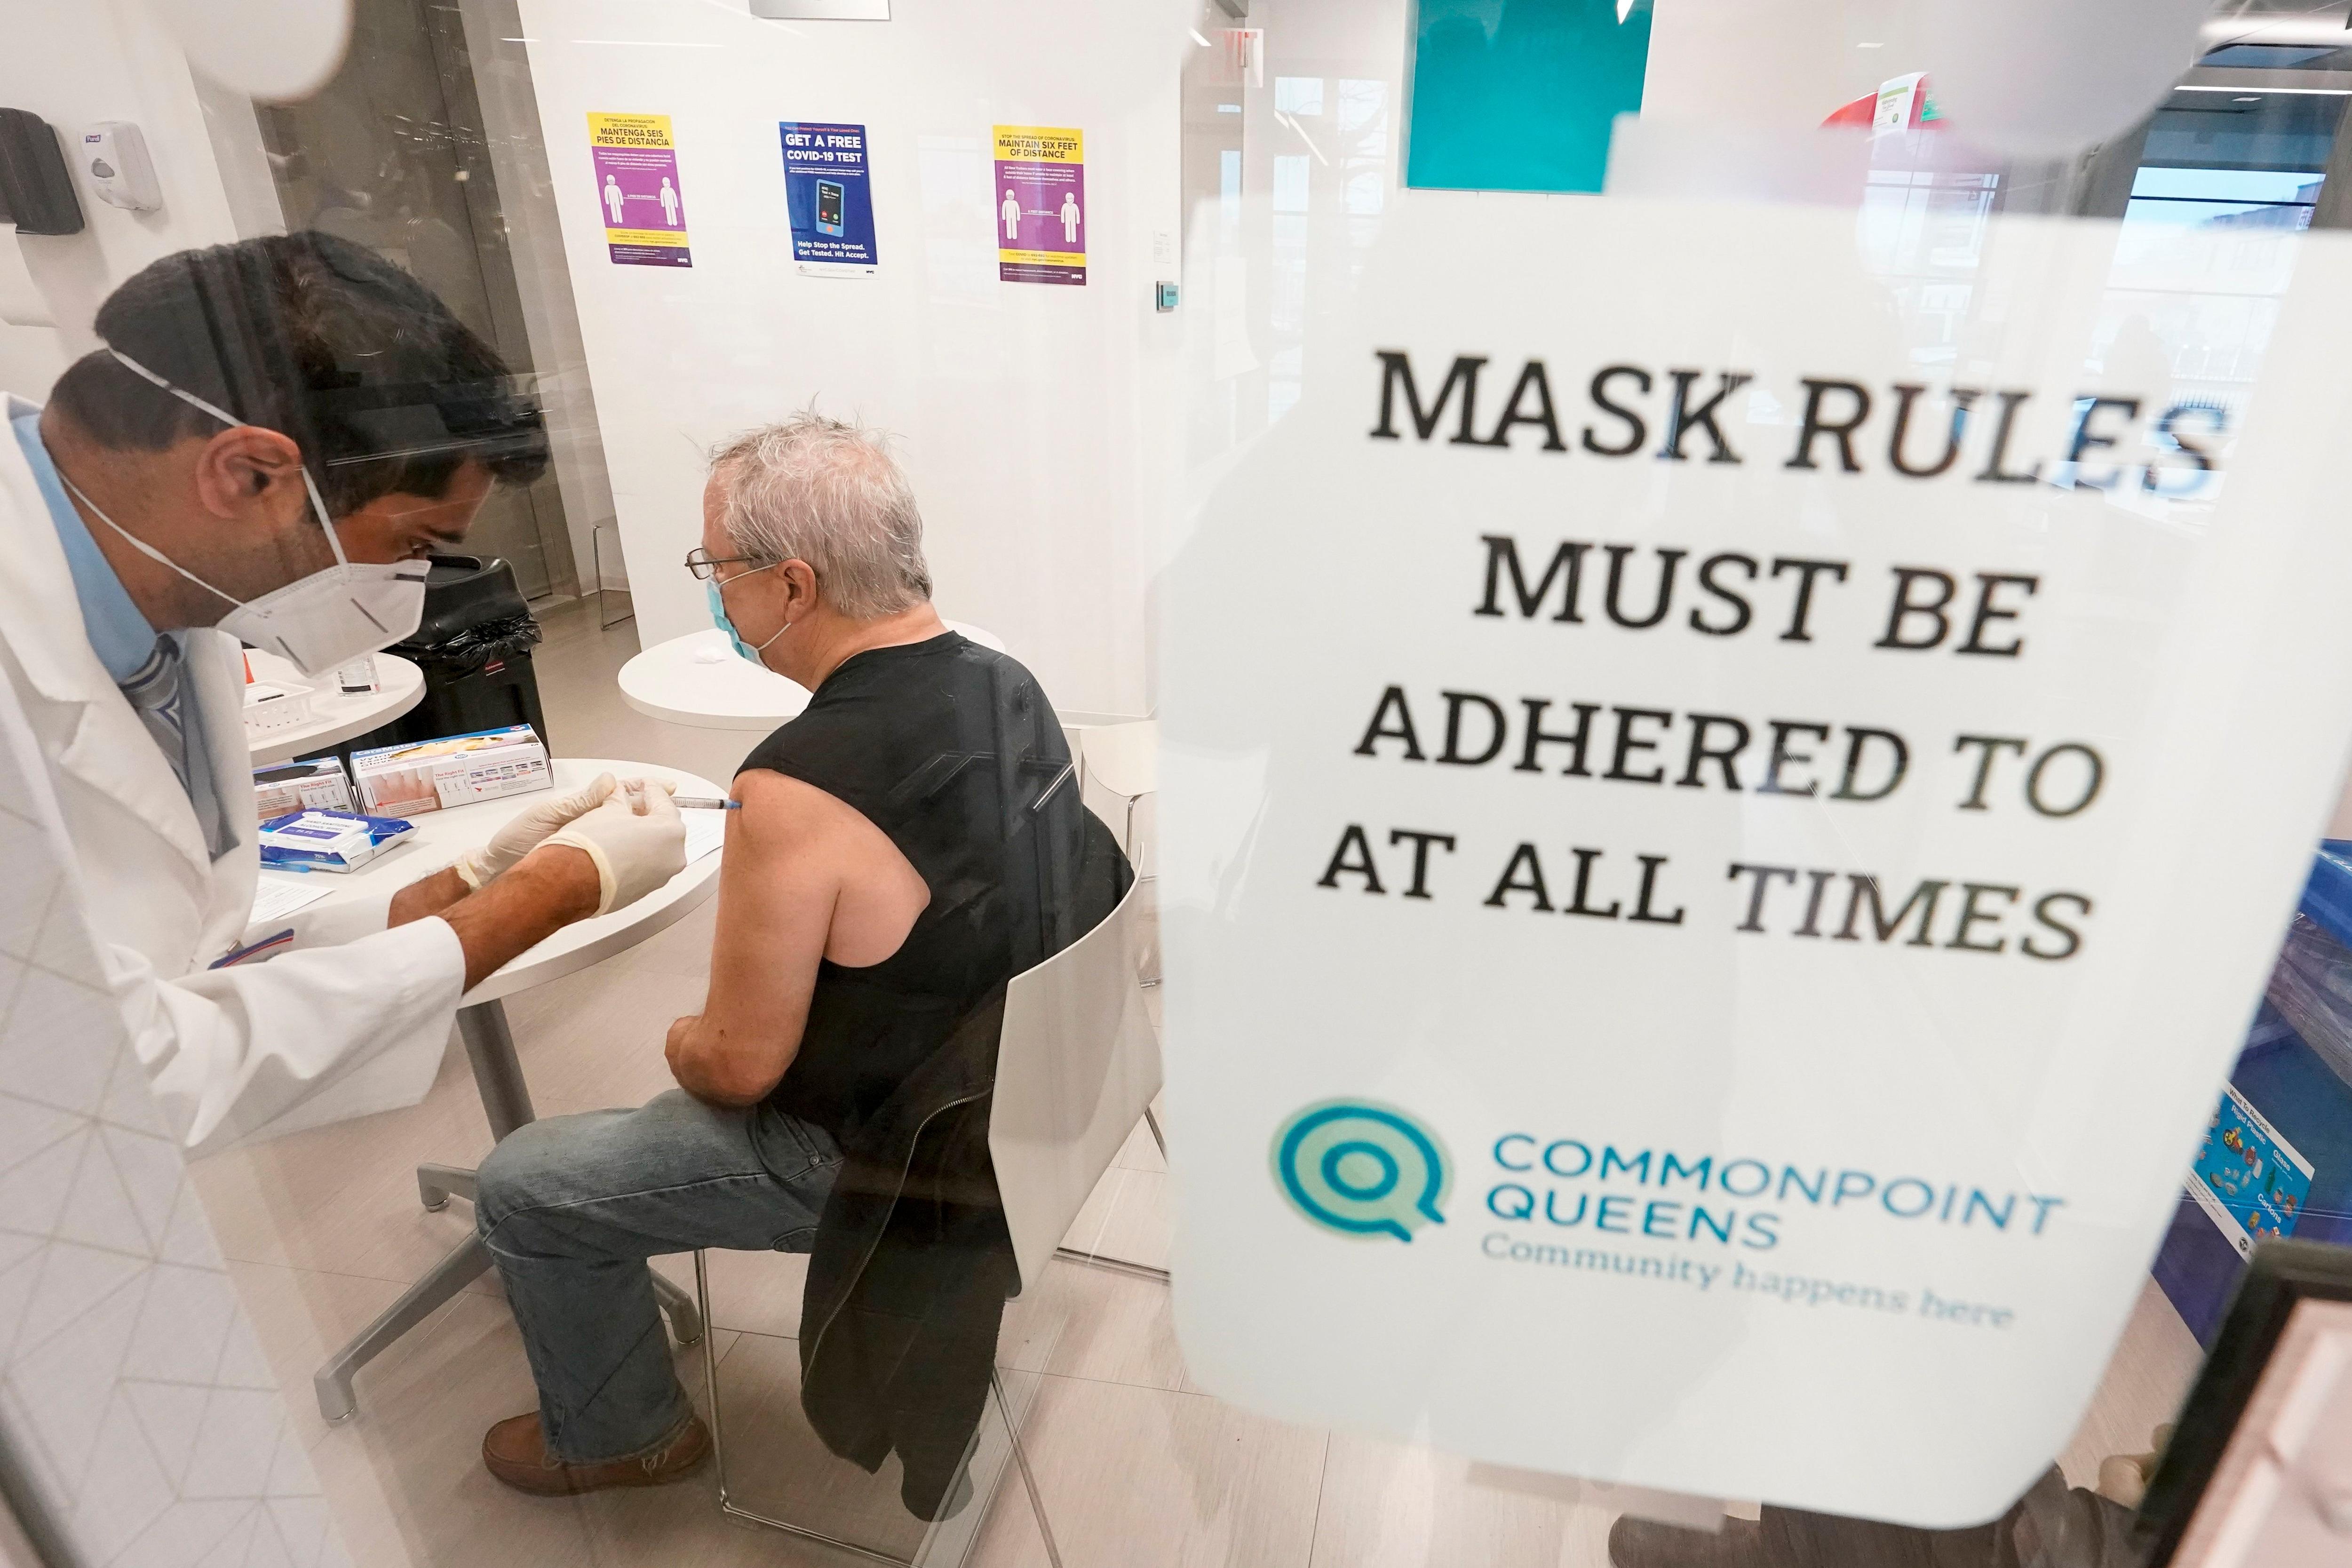 ワクチン注射の担い手不足を解消するための奥の手欧米では薬剤師や獣医など医療関連の職種にワクチン注射を拡大中 – 明日の医療